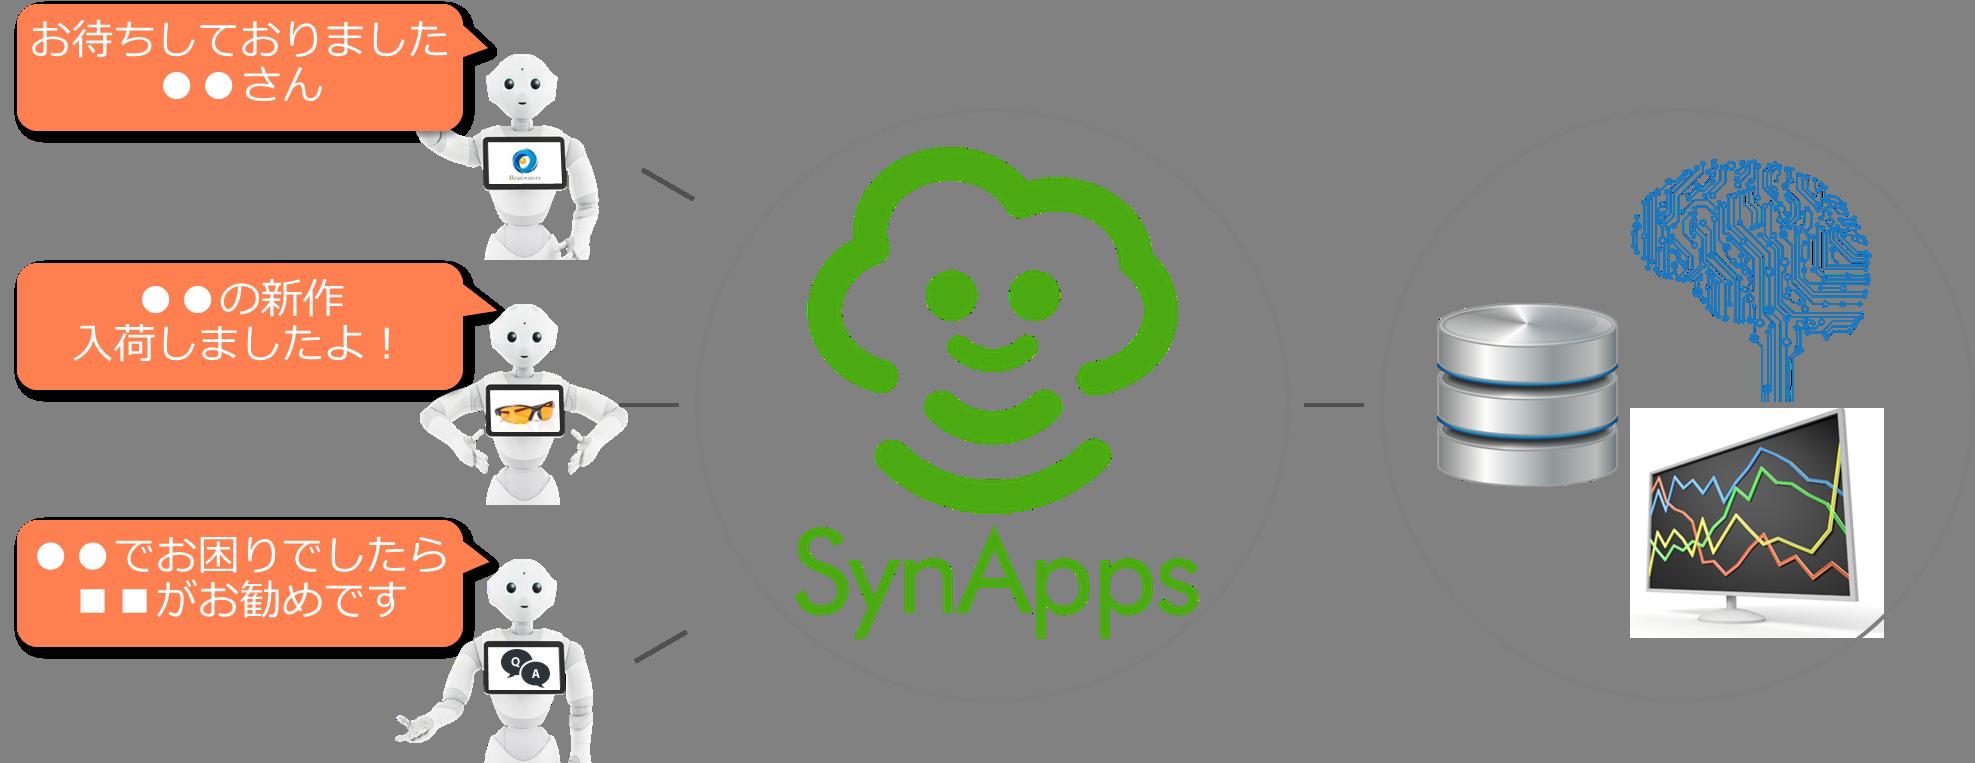 SynApps_gaiyouzu.png